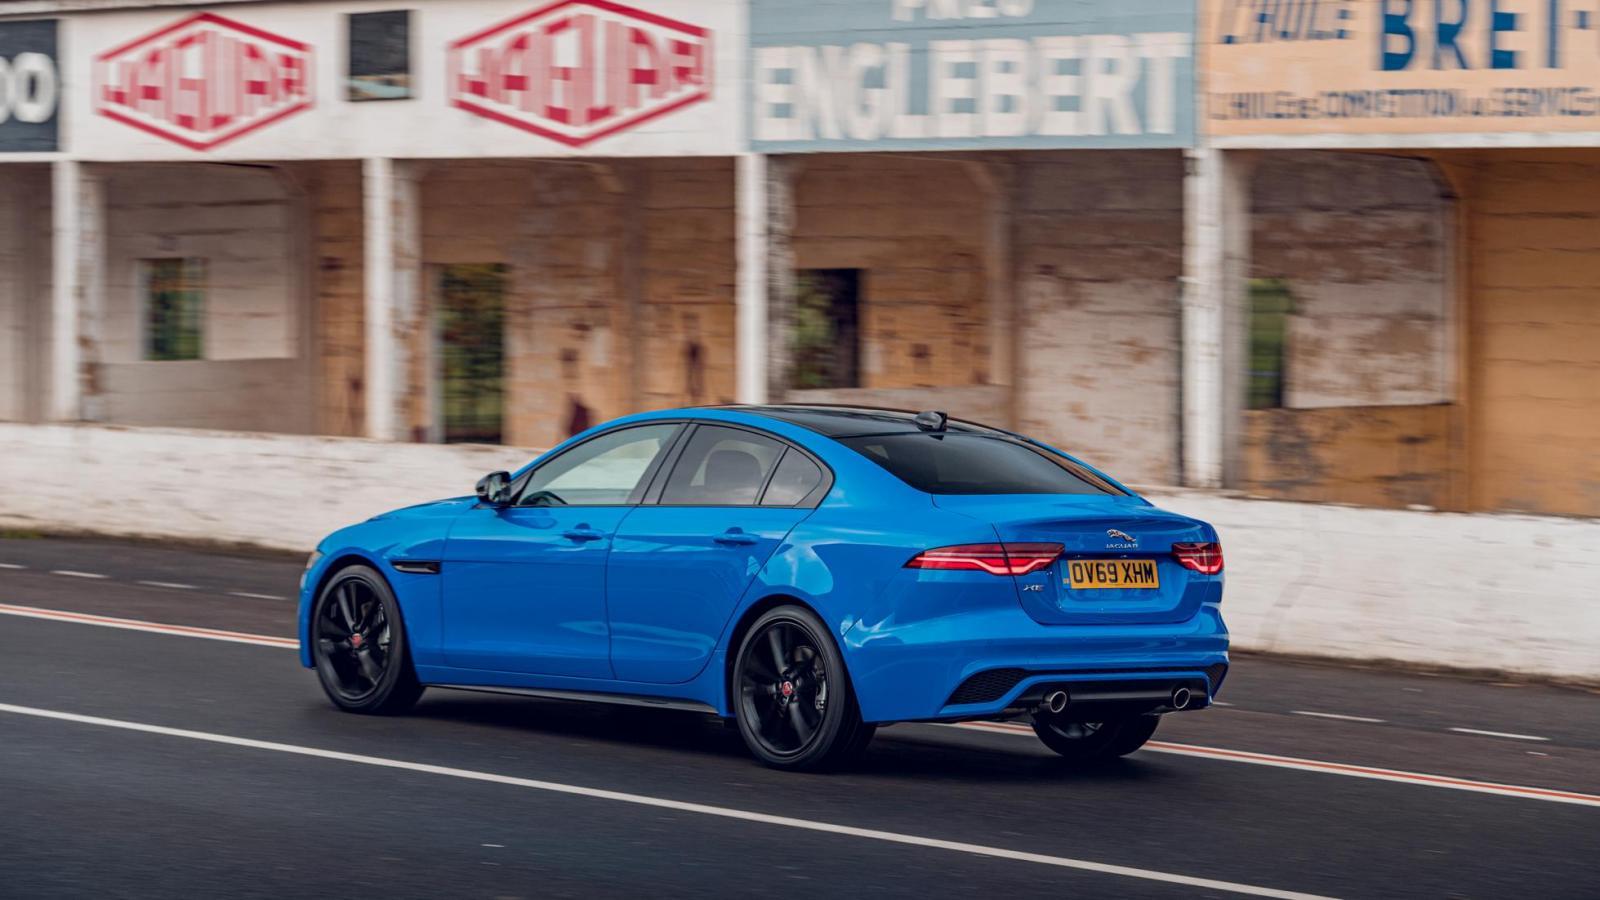 El tono azul French Racing Blue le da un toque enérgico